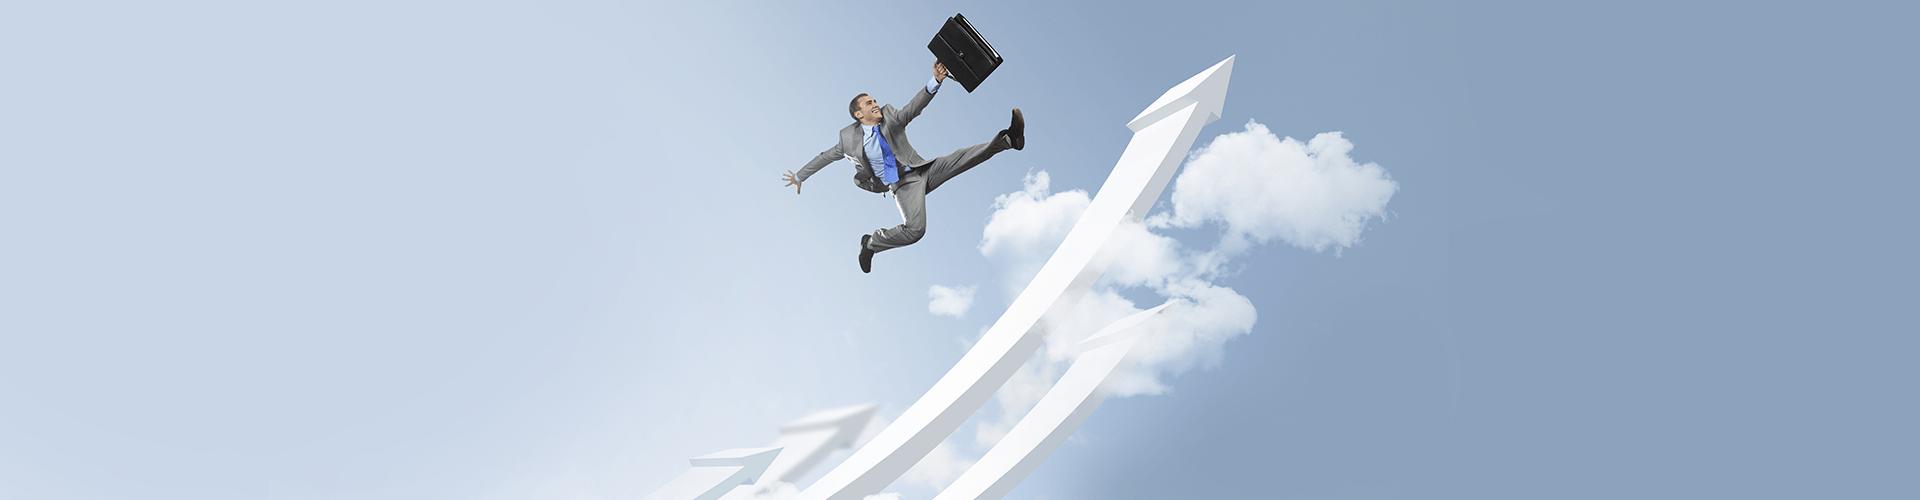 7 шагов увеличения денежных потоков бизнеса